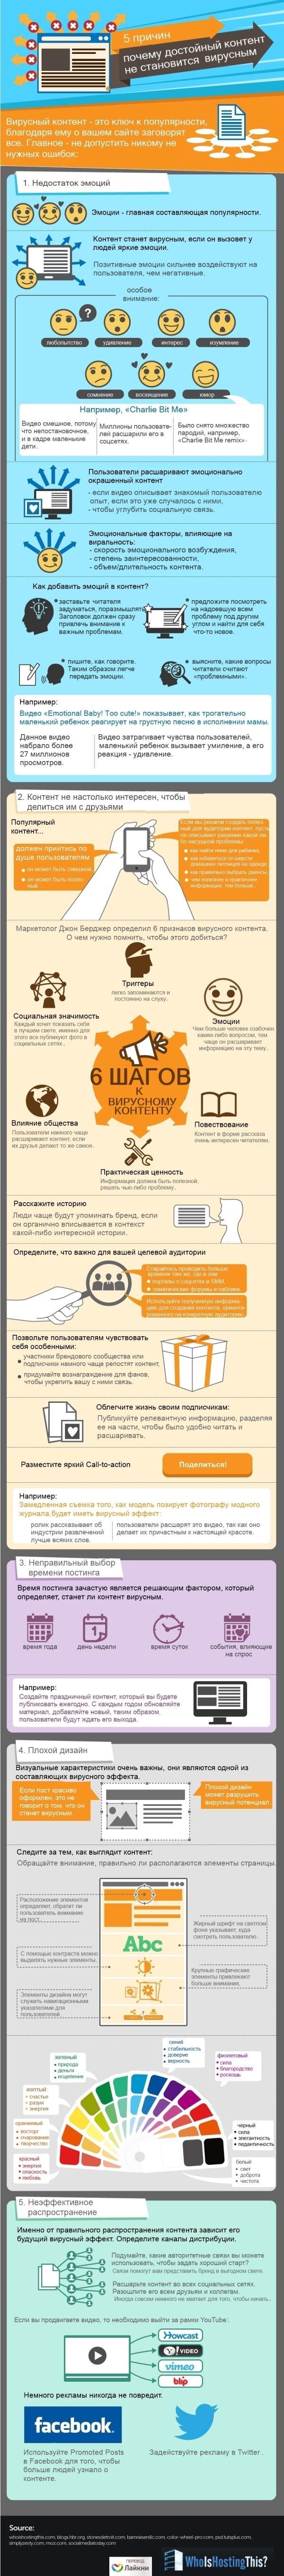 Инфографика: почему достойный контент не становится вирусным